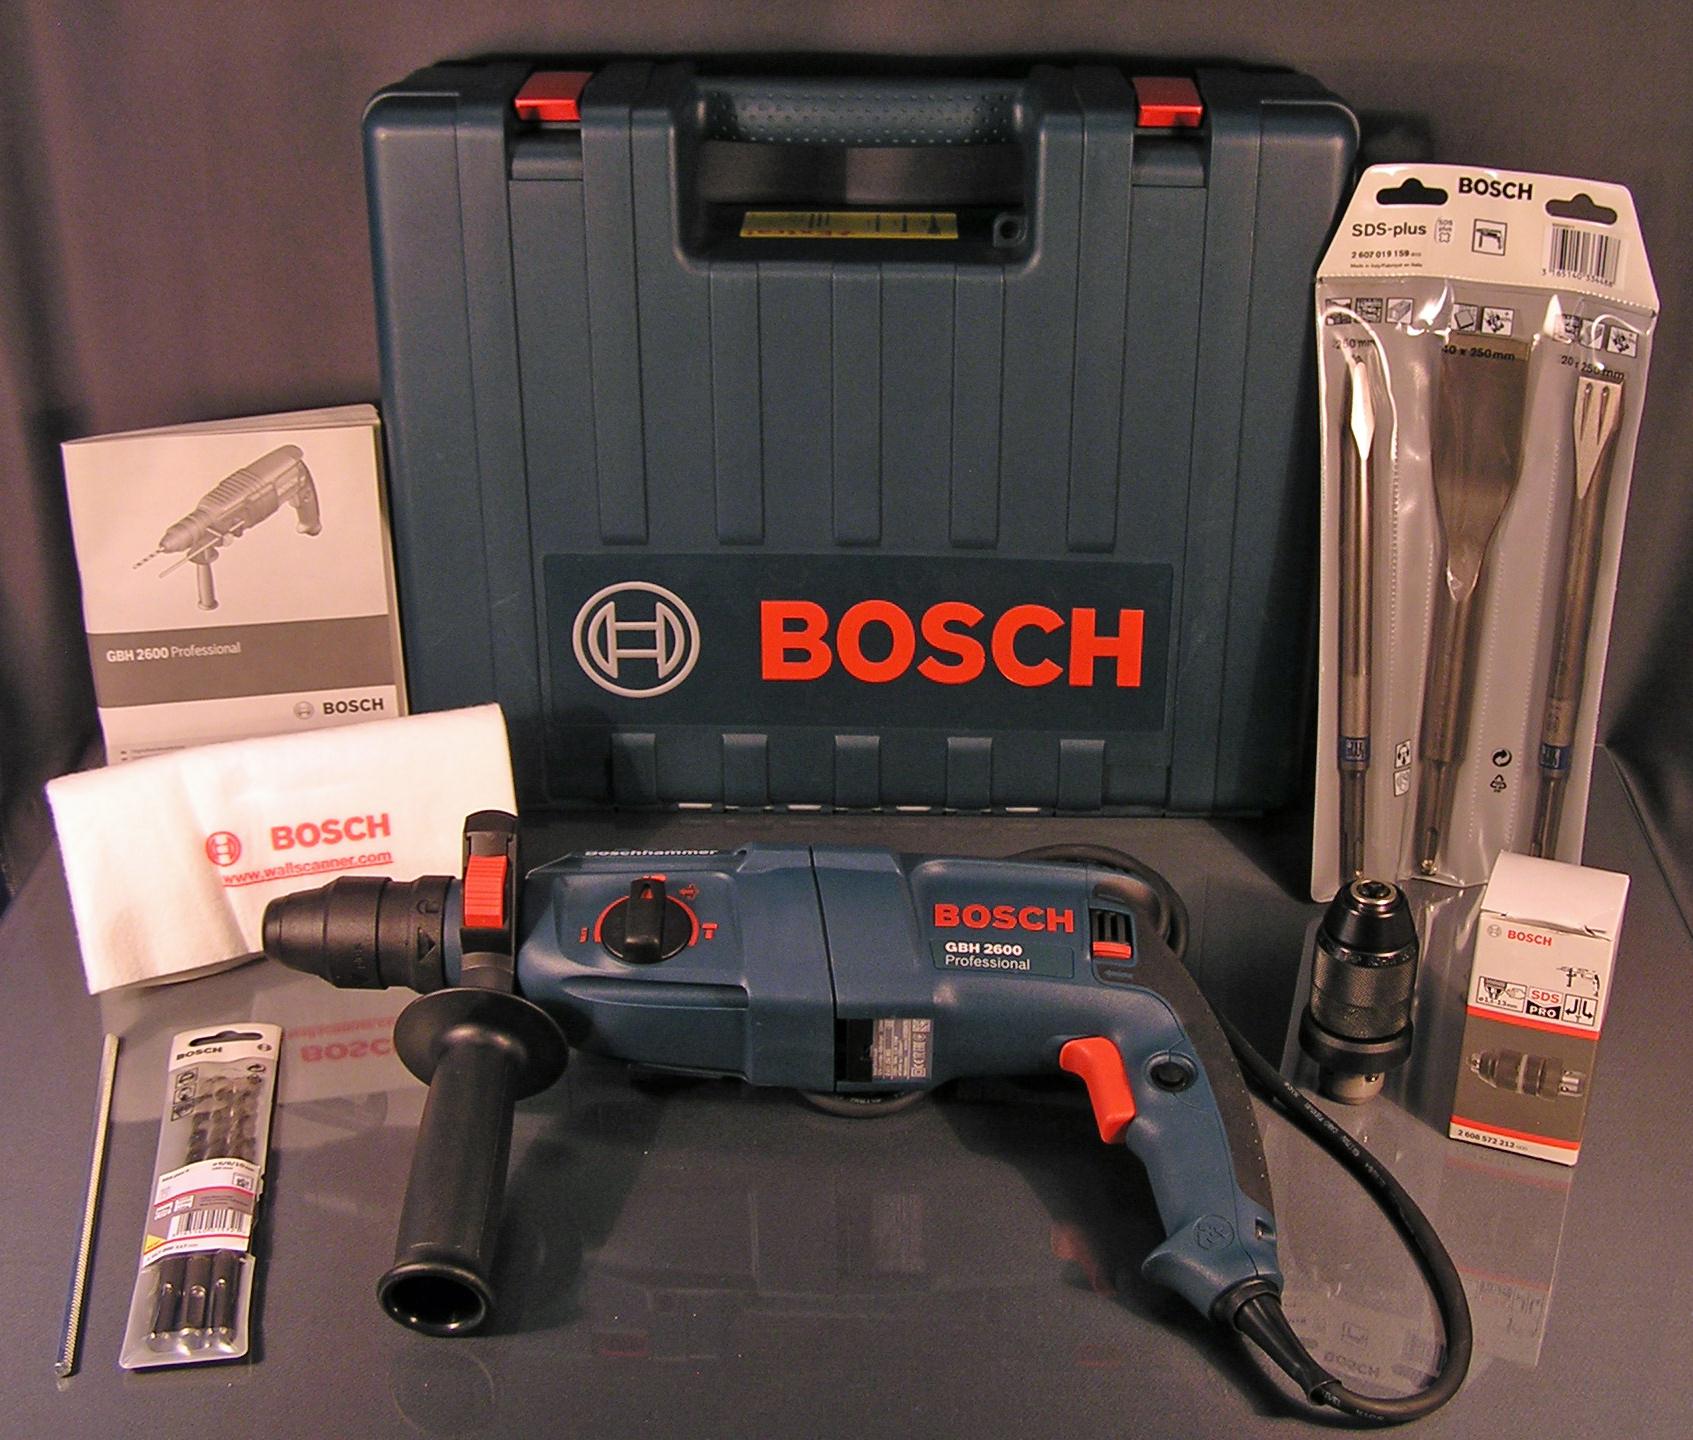 bosch gbh 2600 professional bohrhammer sds plus set 8 teiliges zubeh r ovp neu ebay. Black Bedroom Furniture Sets. Home Design Ideas